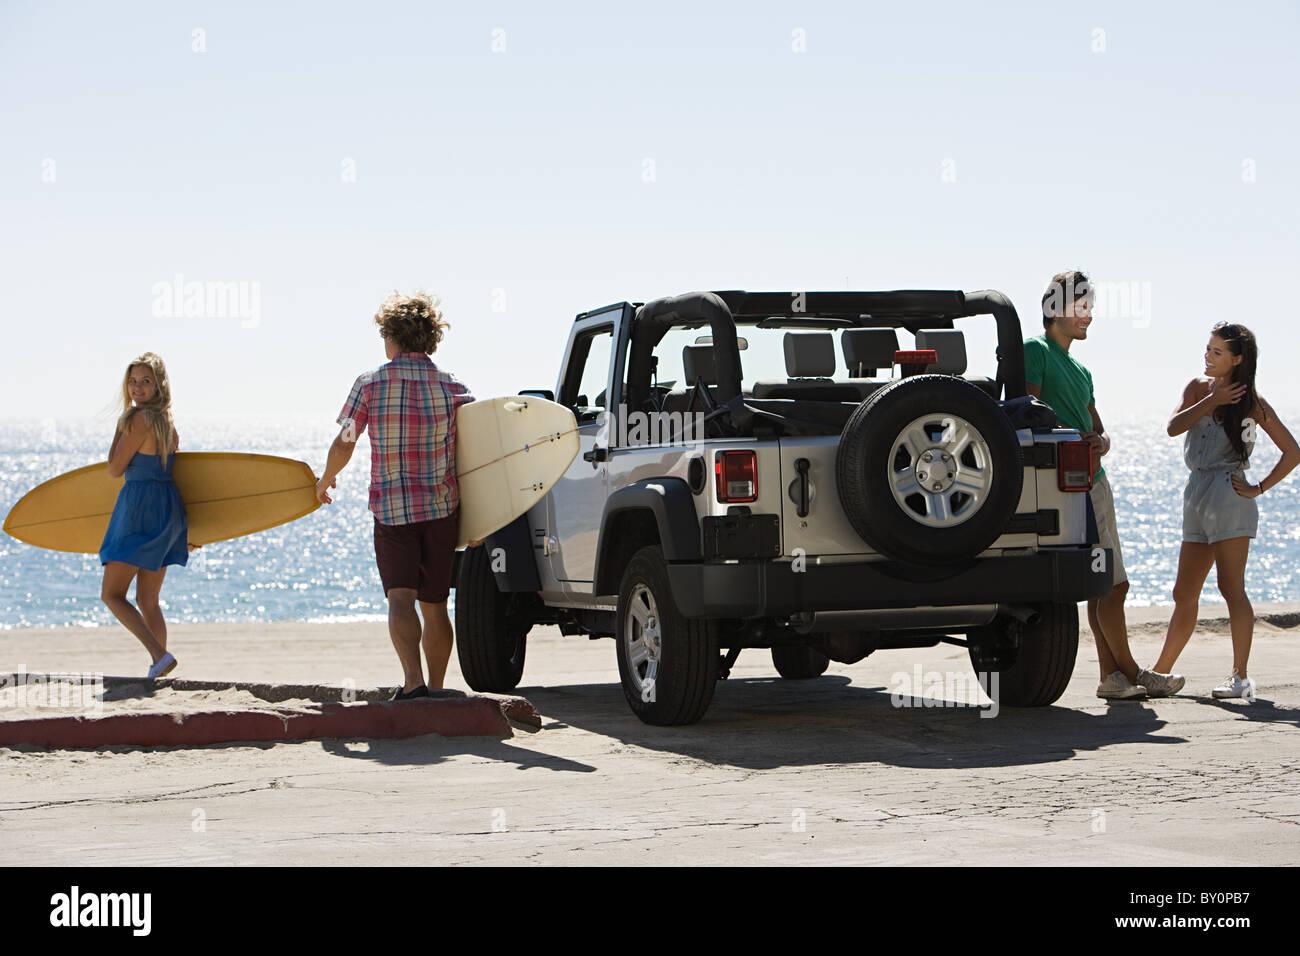 Freunde von Fahrzeug mit Surfbrettern Stockbild